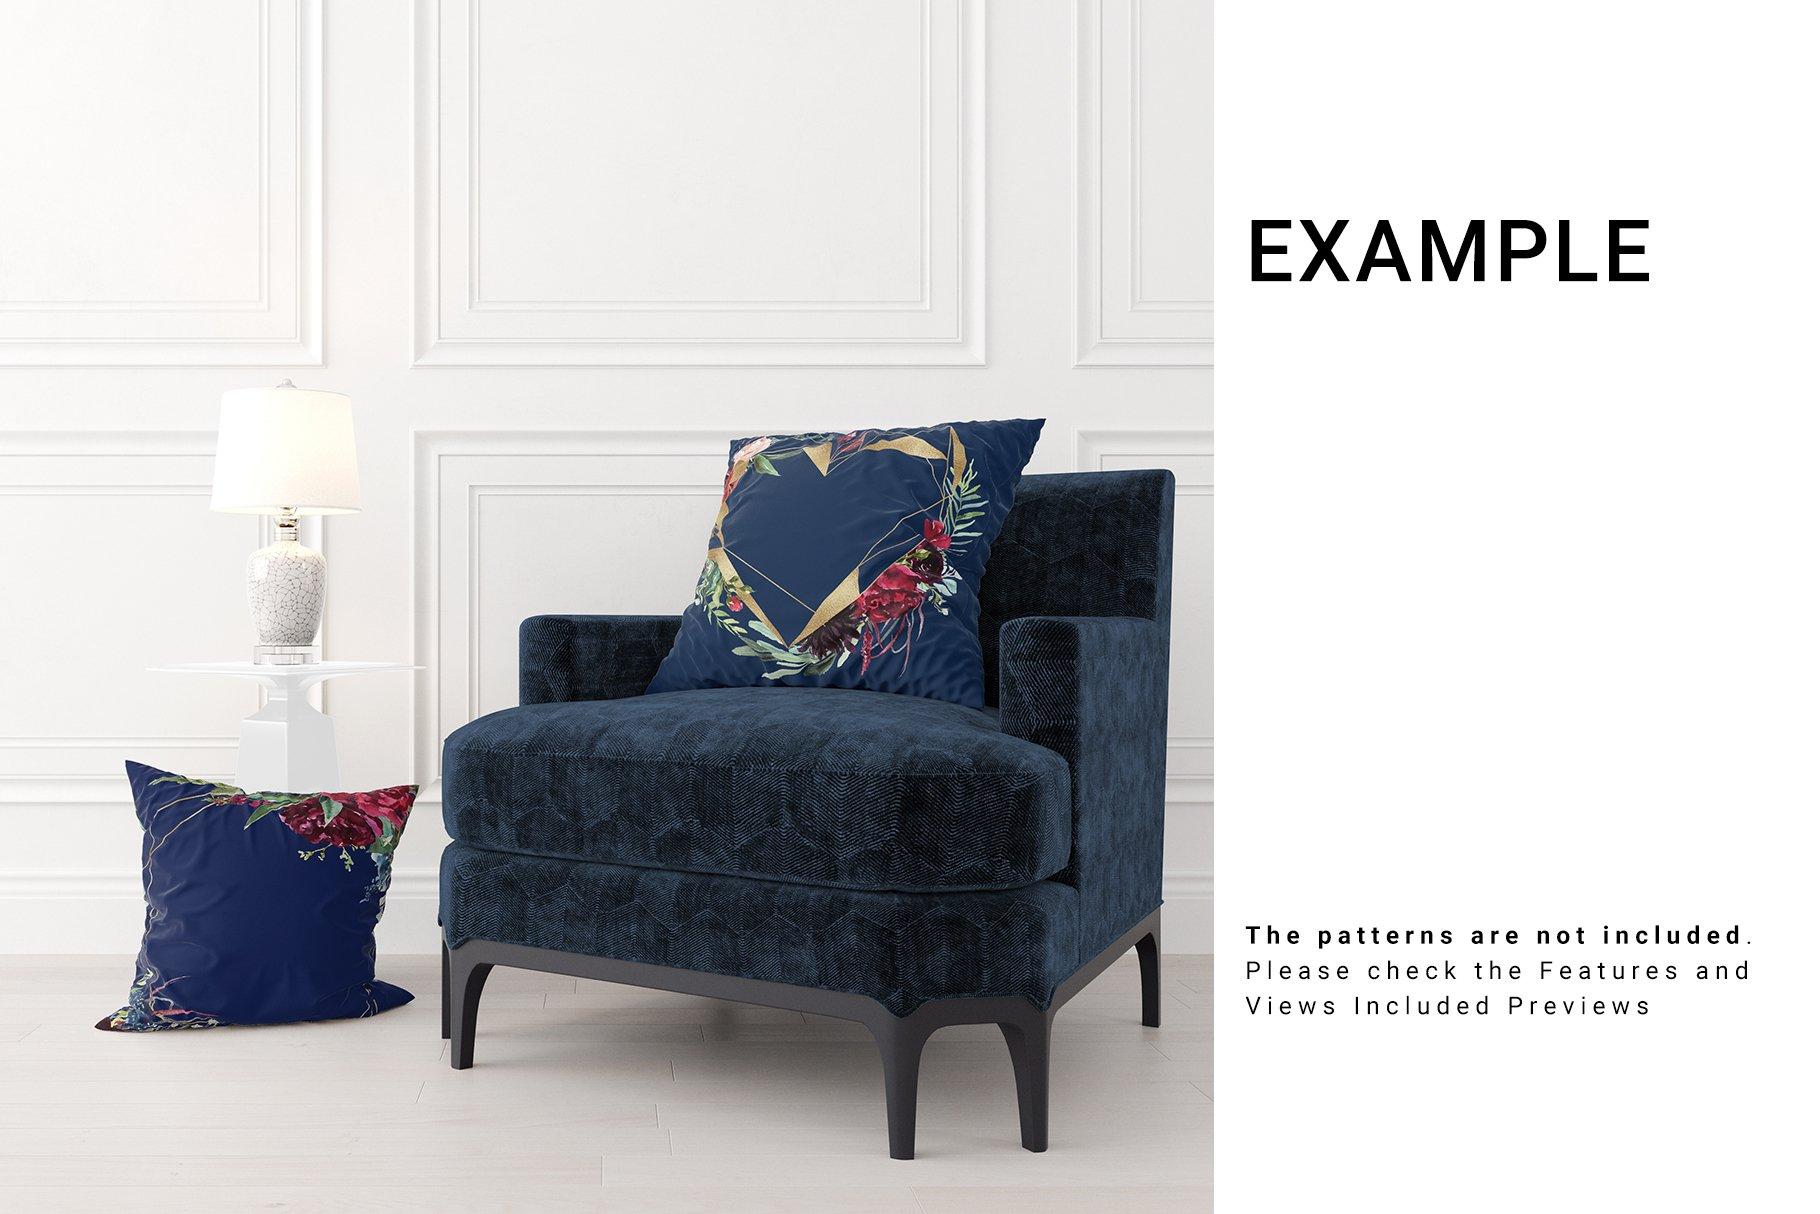 Luxury Interior Throw Pillows Set example image 11